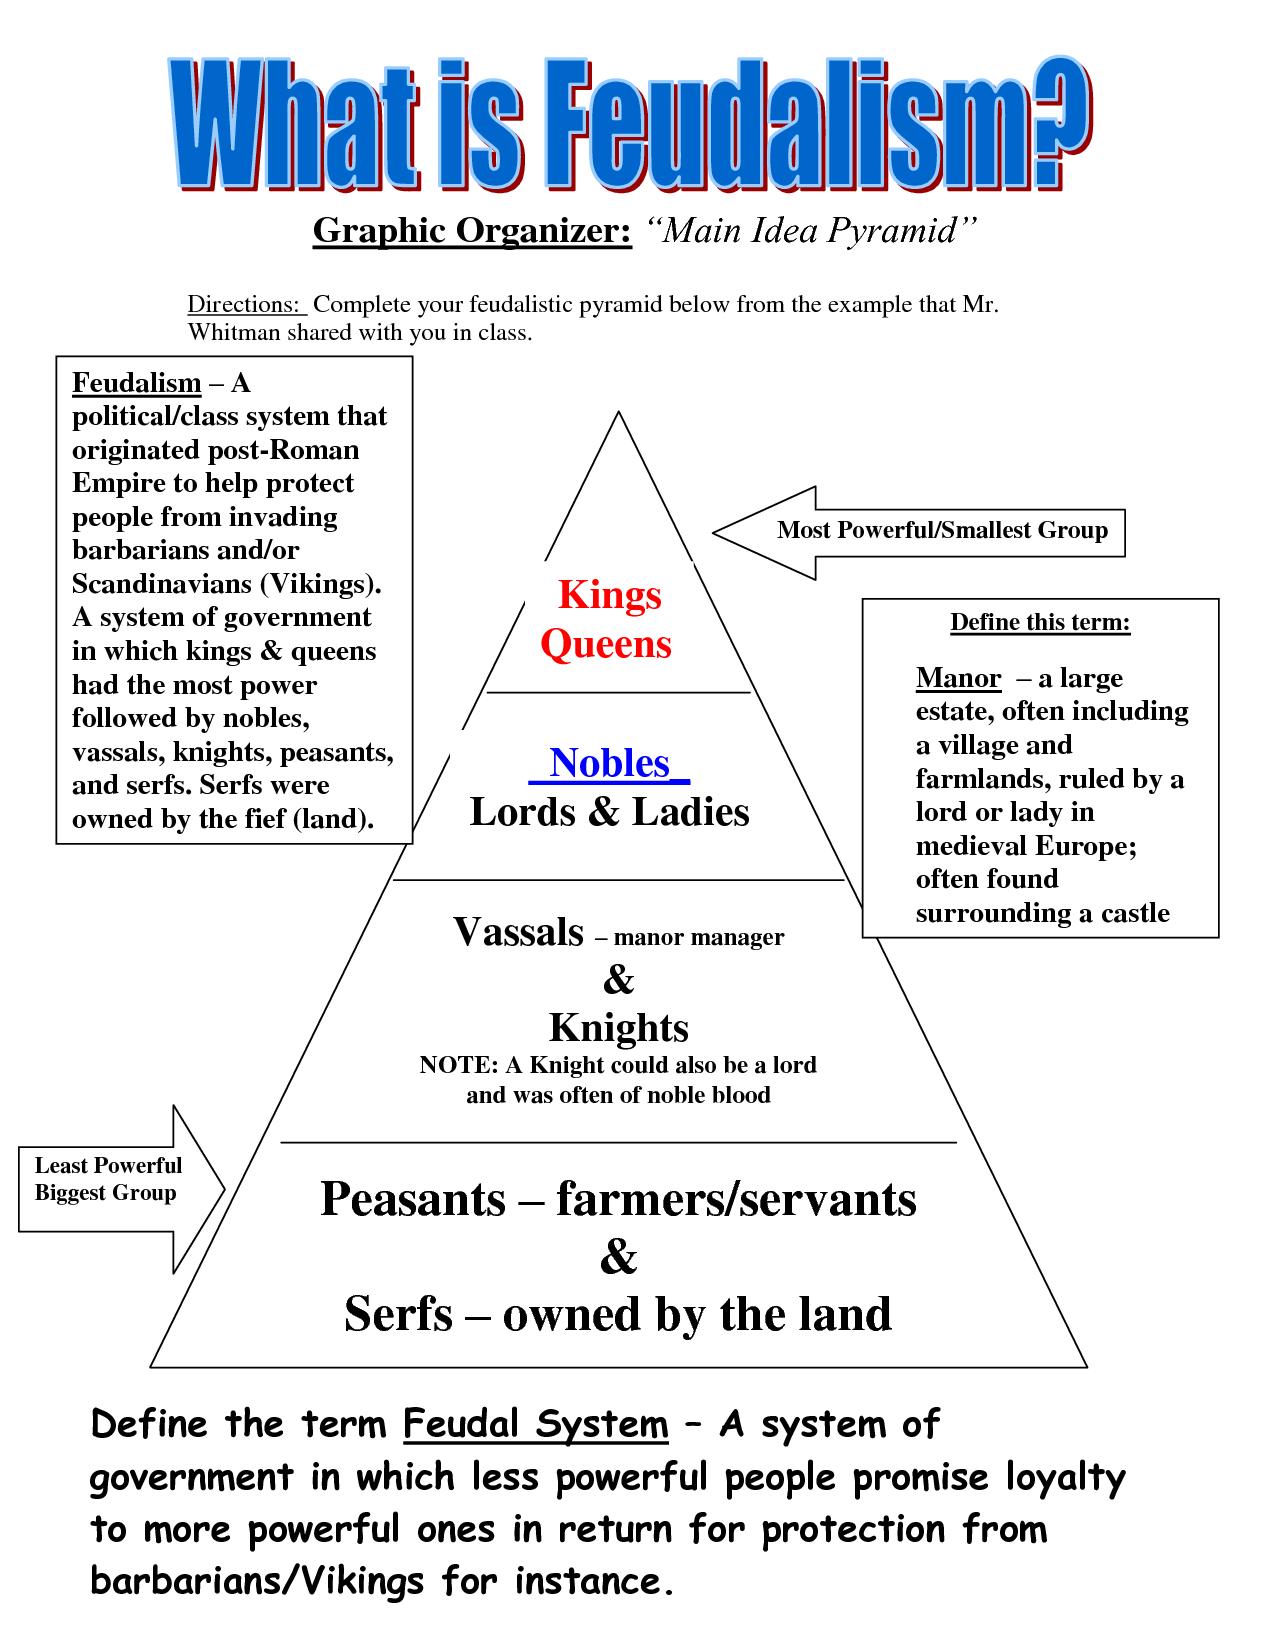 Feudalismtimeperiod Feudalism Me Val Pyramid Europe